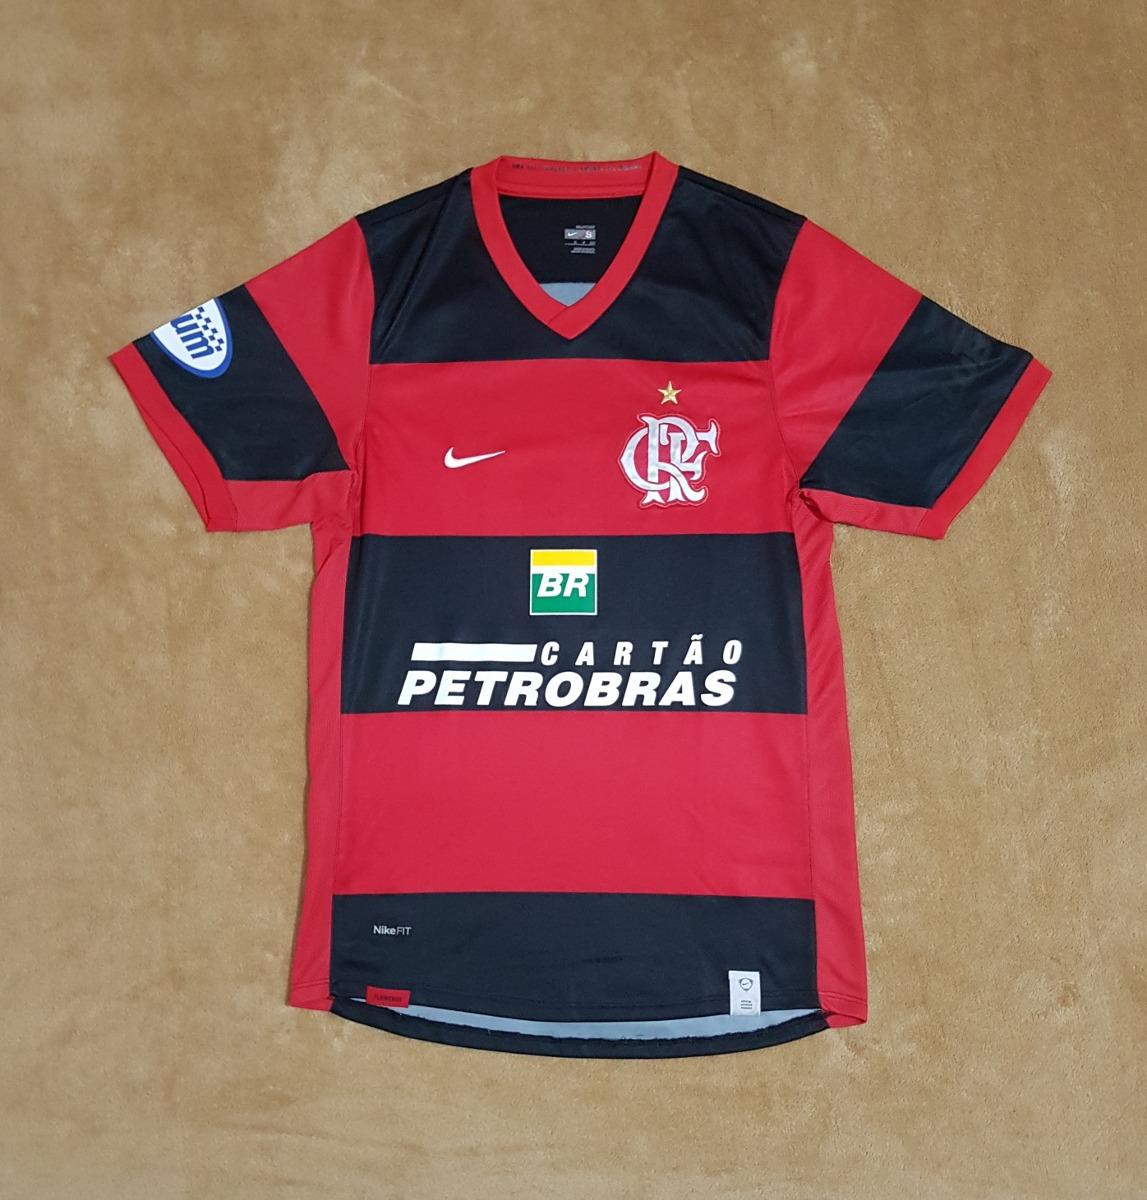 036e8c3319 gcr02 camisa oficial flamengo 2007 2008  10 p 76x47. Carregando zoom.